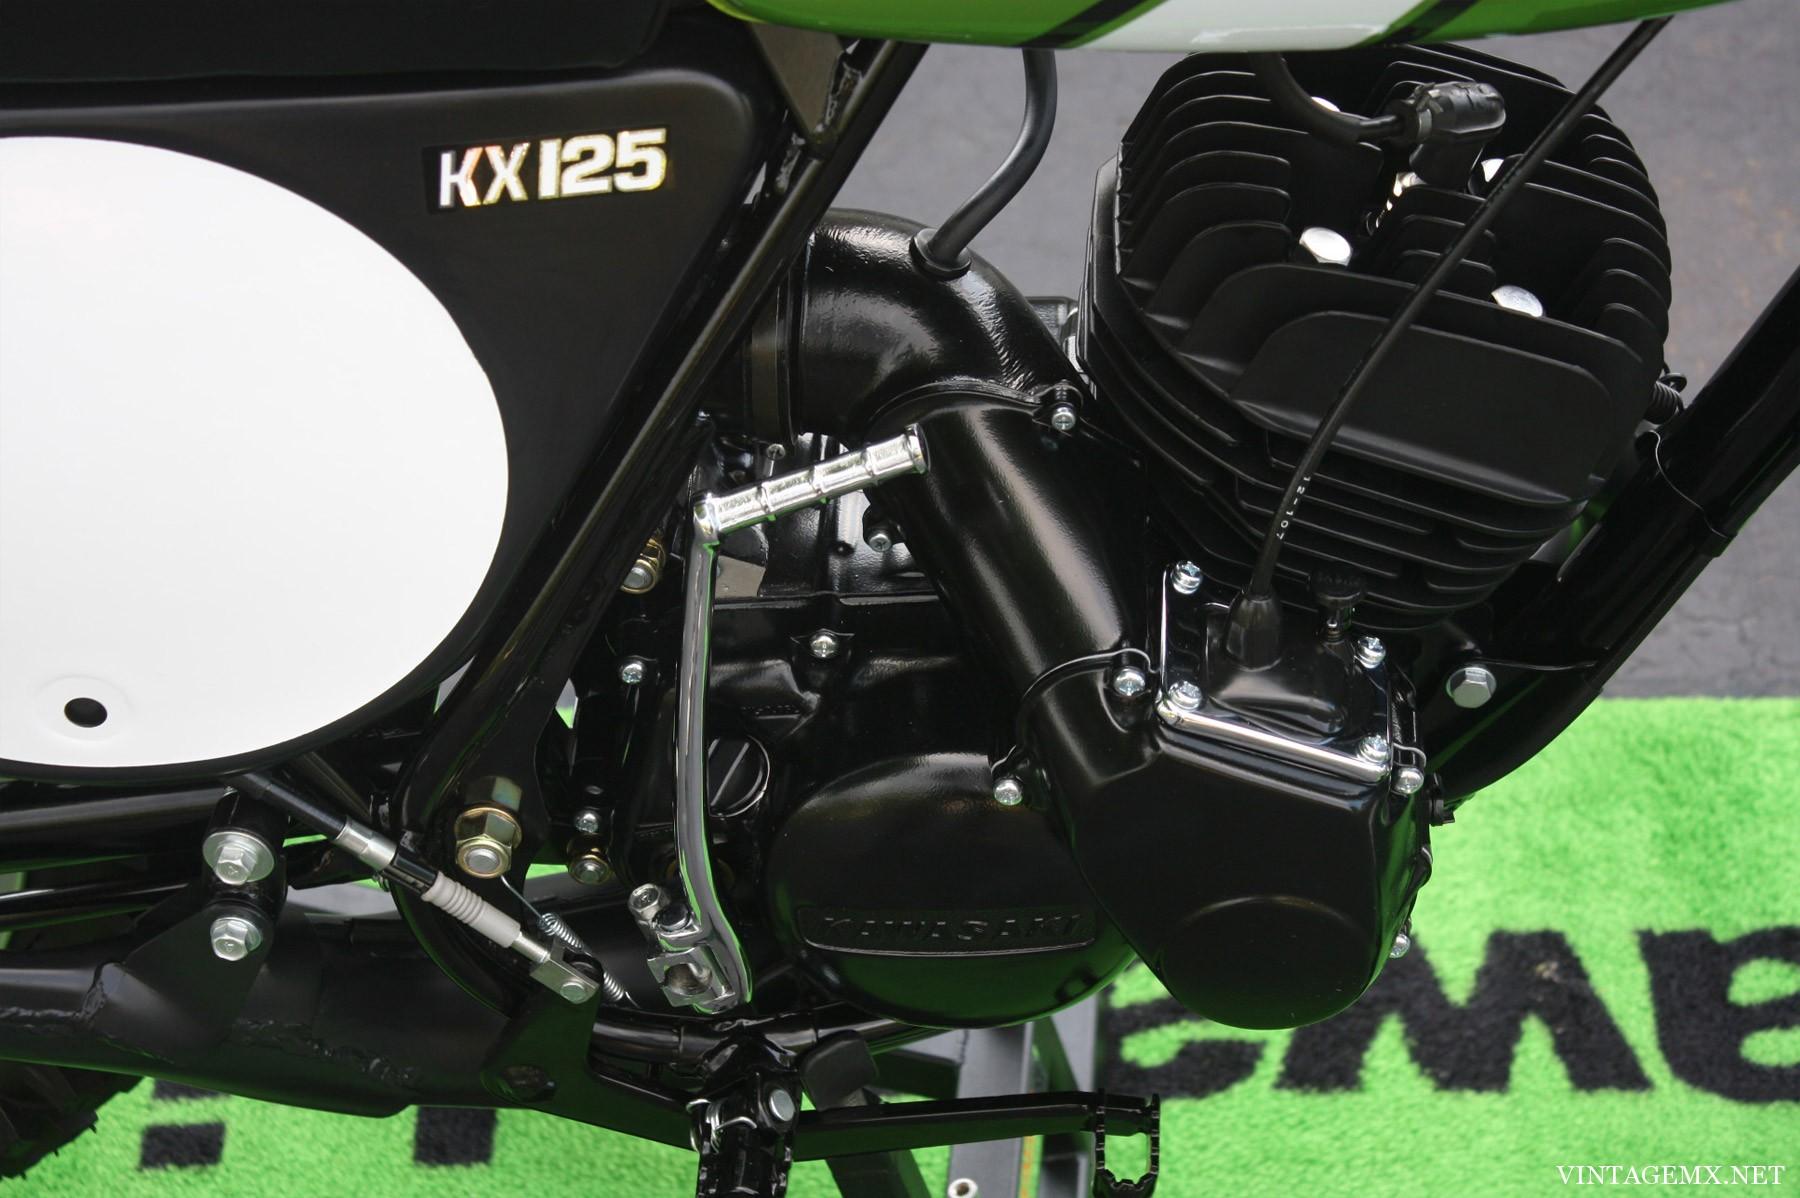 KAWASAKI KX 125 silver